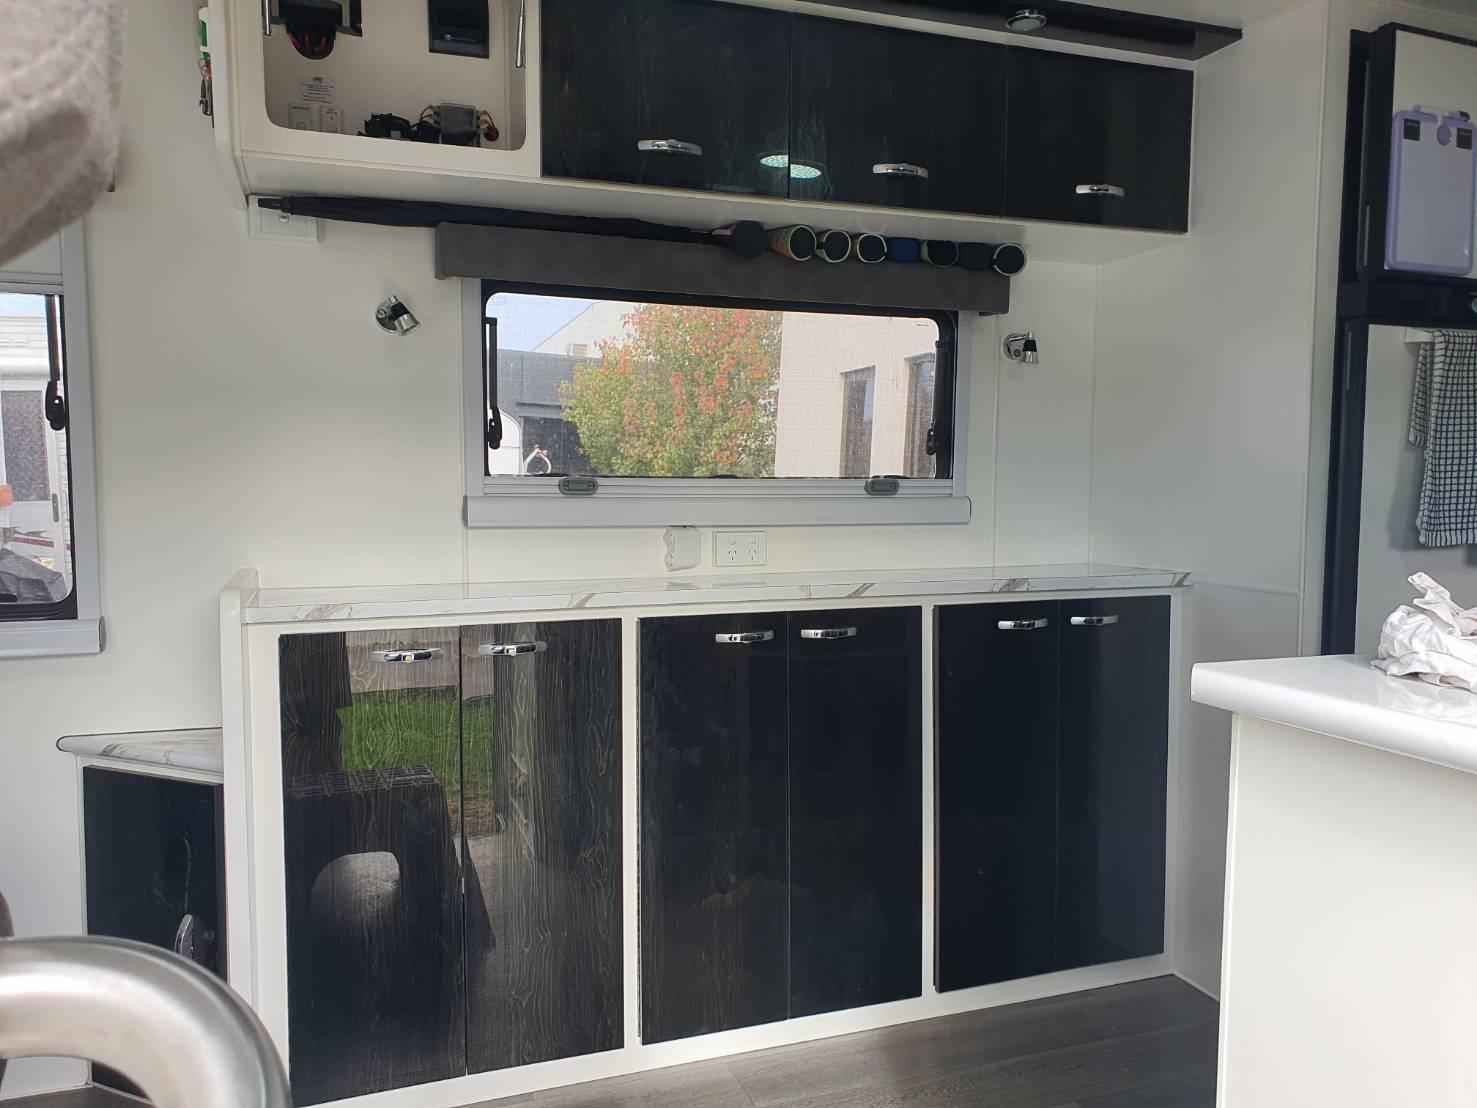 Caravan renovations - impressive result